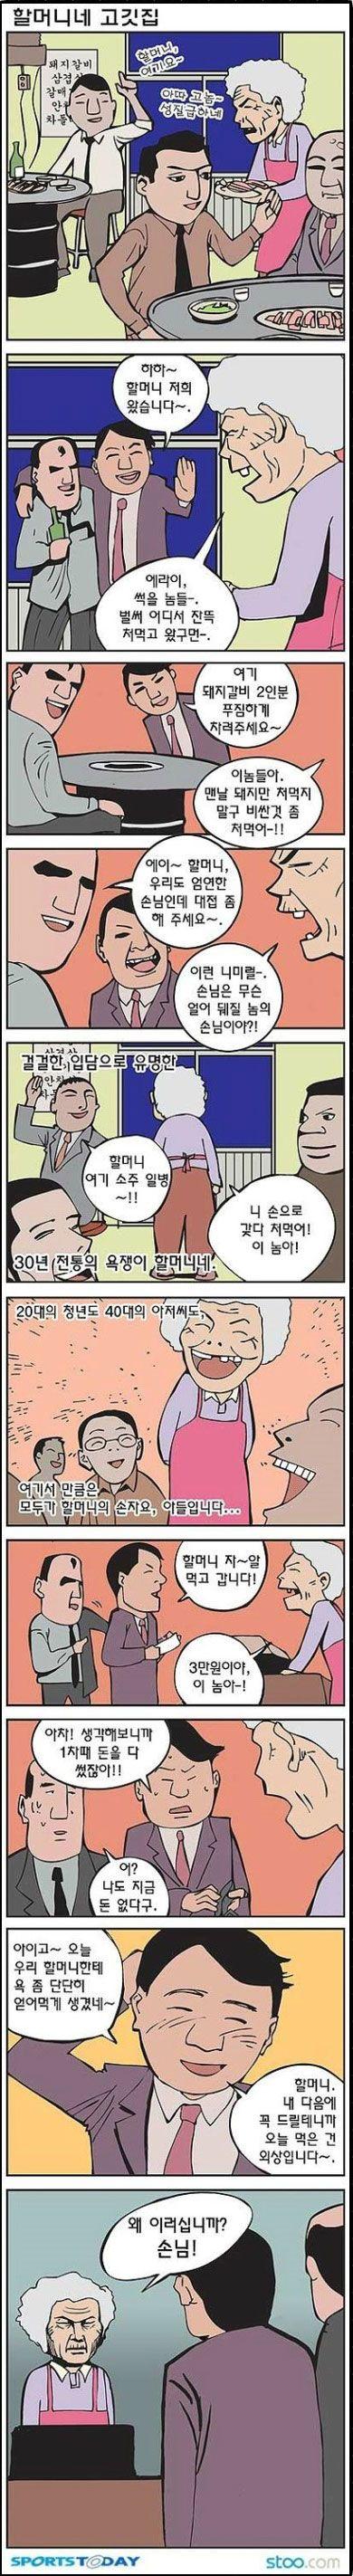 웃긴 만화 츄리닝_욕쟁이 할머니 2탄 : 네이버 블로그